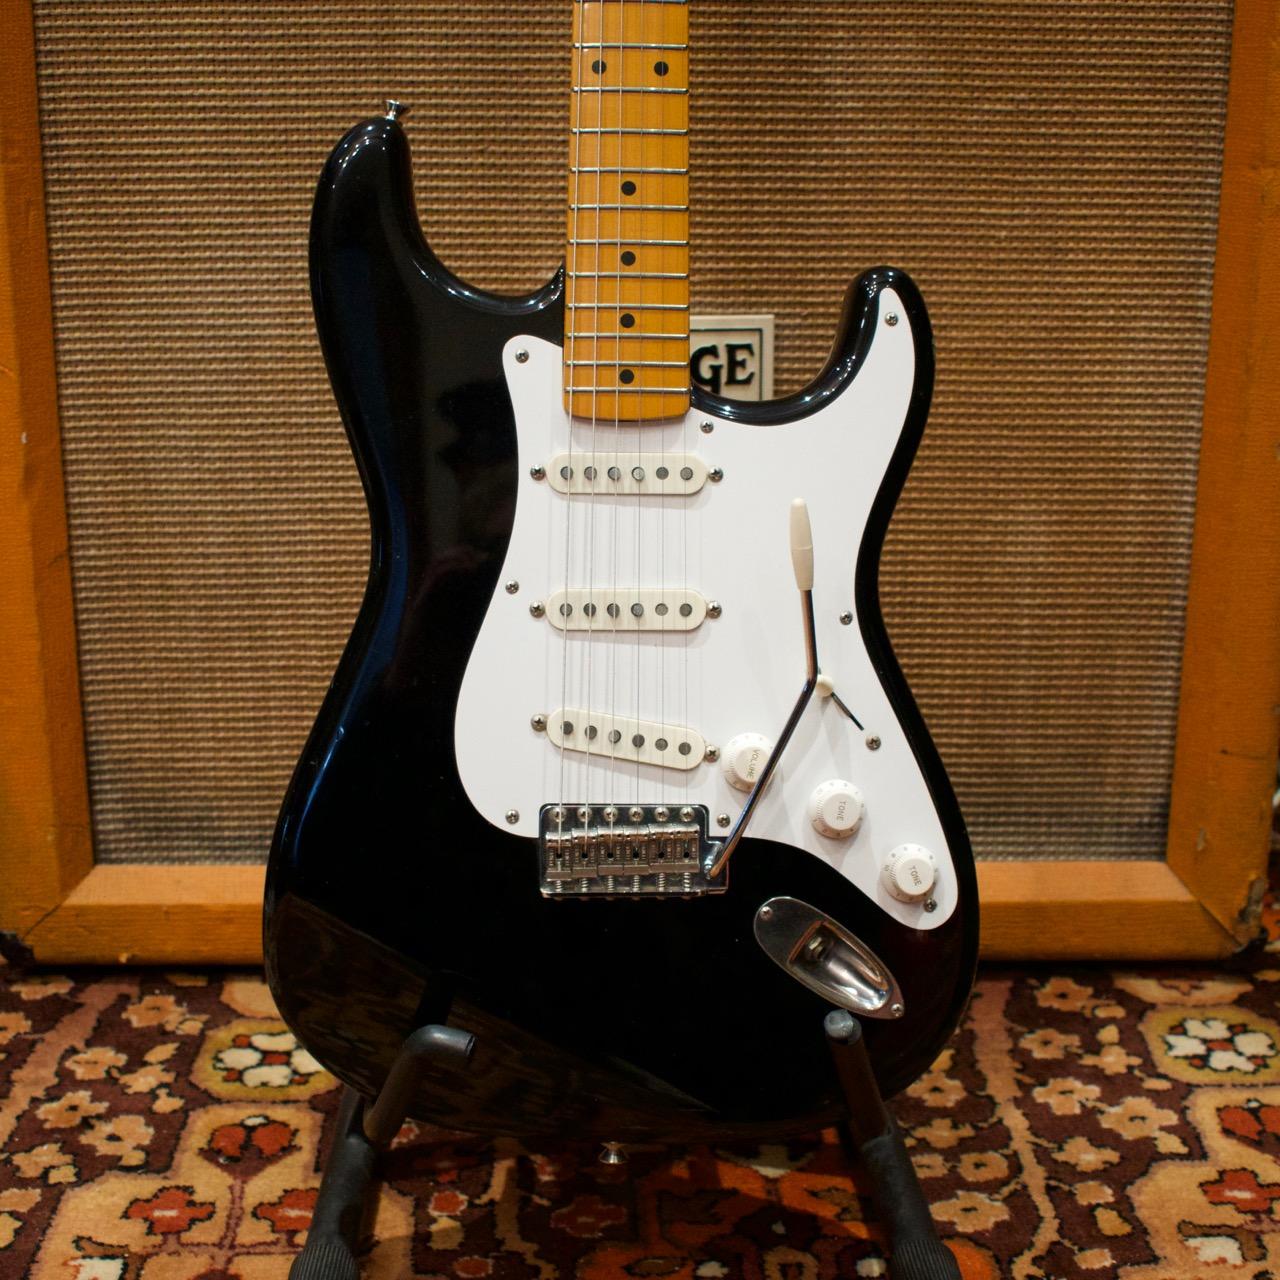 Vintage 1983 Fender Squier JV 57 Black Japan Stratocaster Guitar